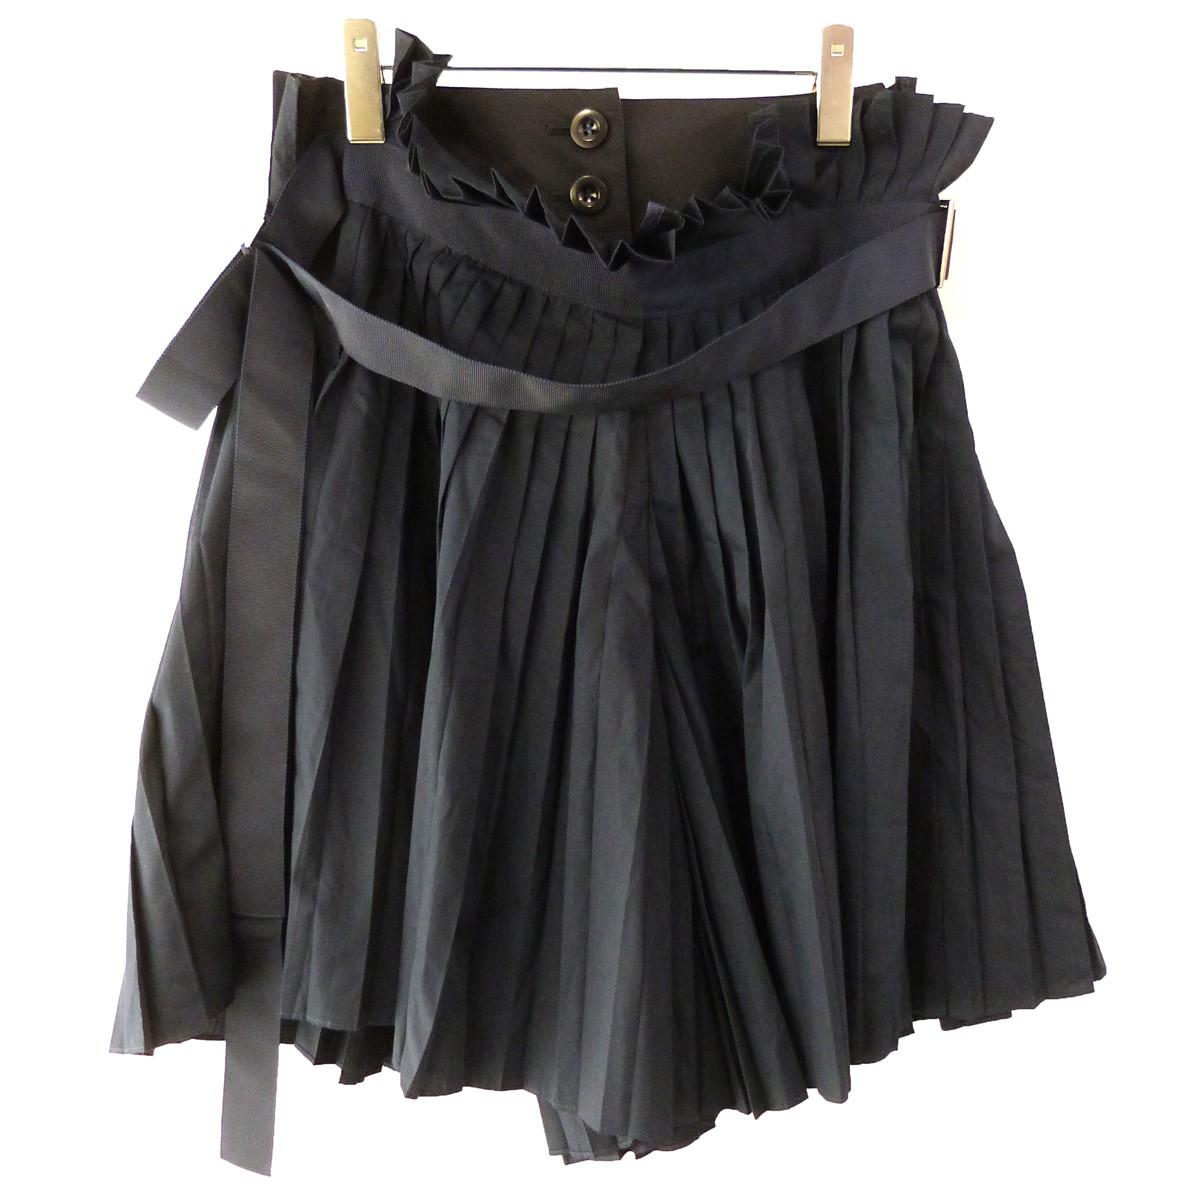 【中古】sacai プリーツレイヤードスカート ネイビー サイズ:1 【210120】(サカイ)